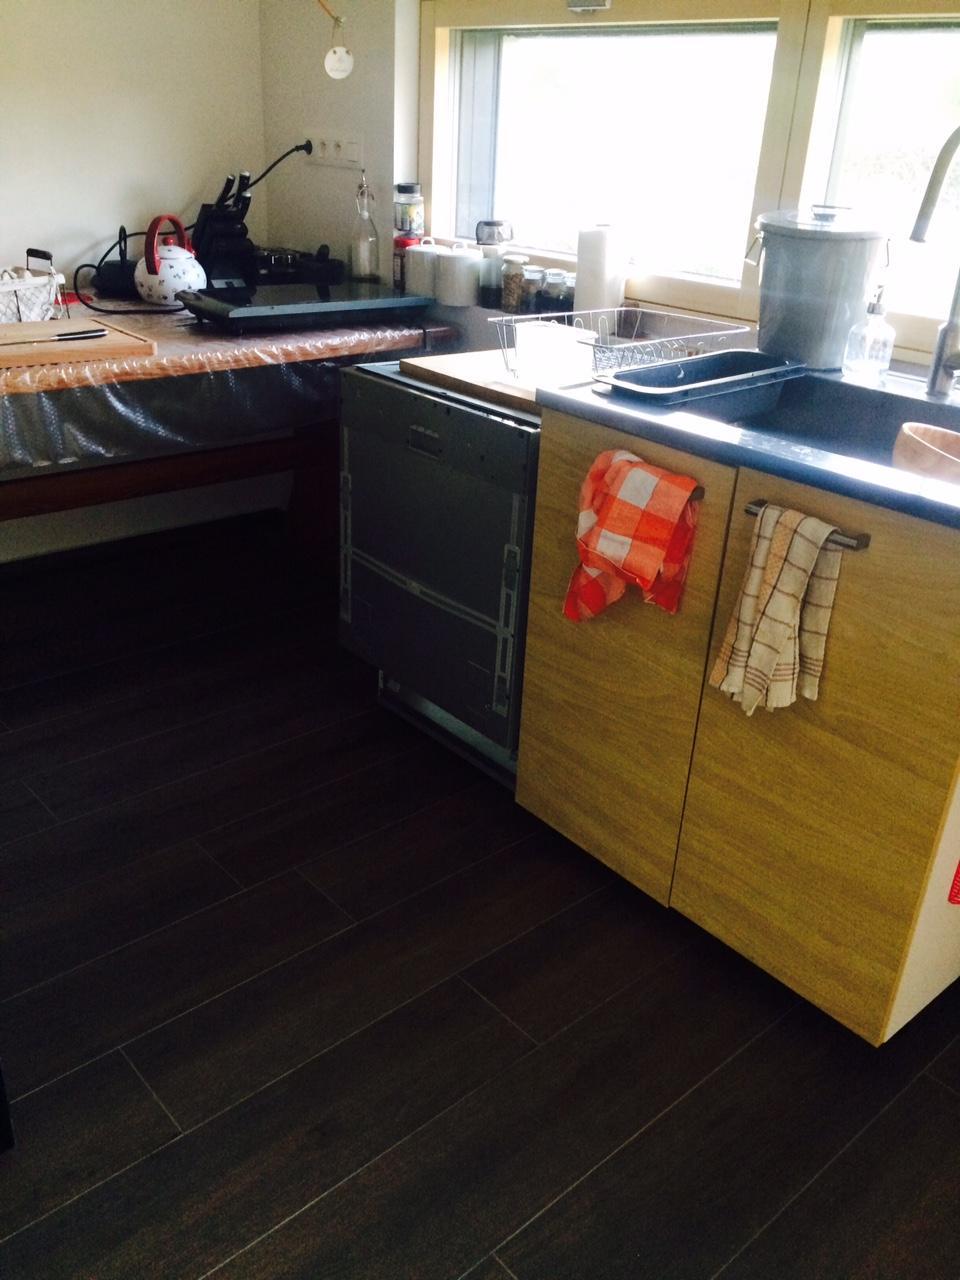 """Sedliacky dom, alias naša """"sýpka"""" - dosla umyvacka, zatial len provizorne postavena v nasej provizornej kuchyni."""